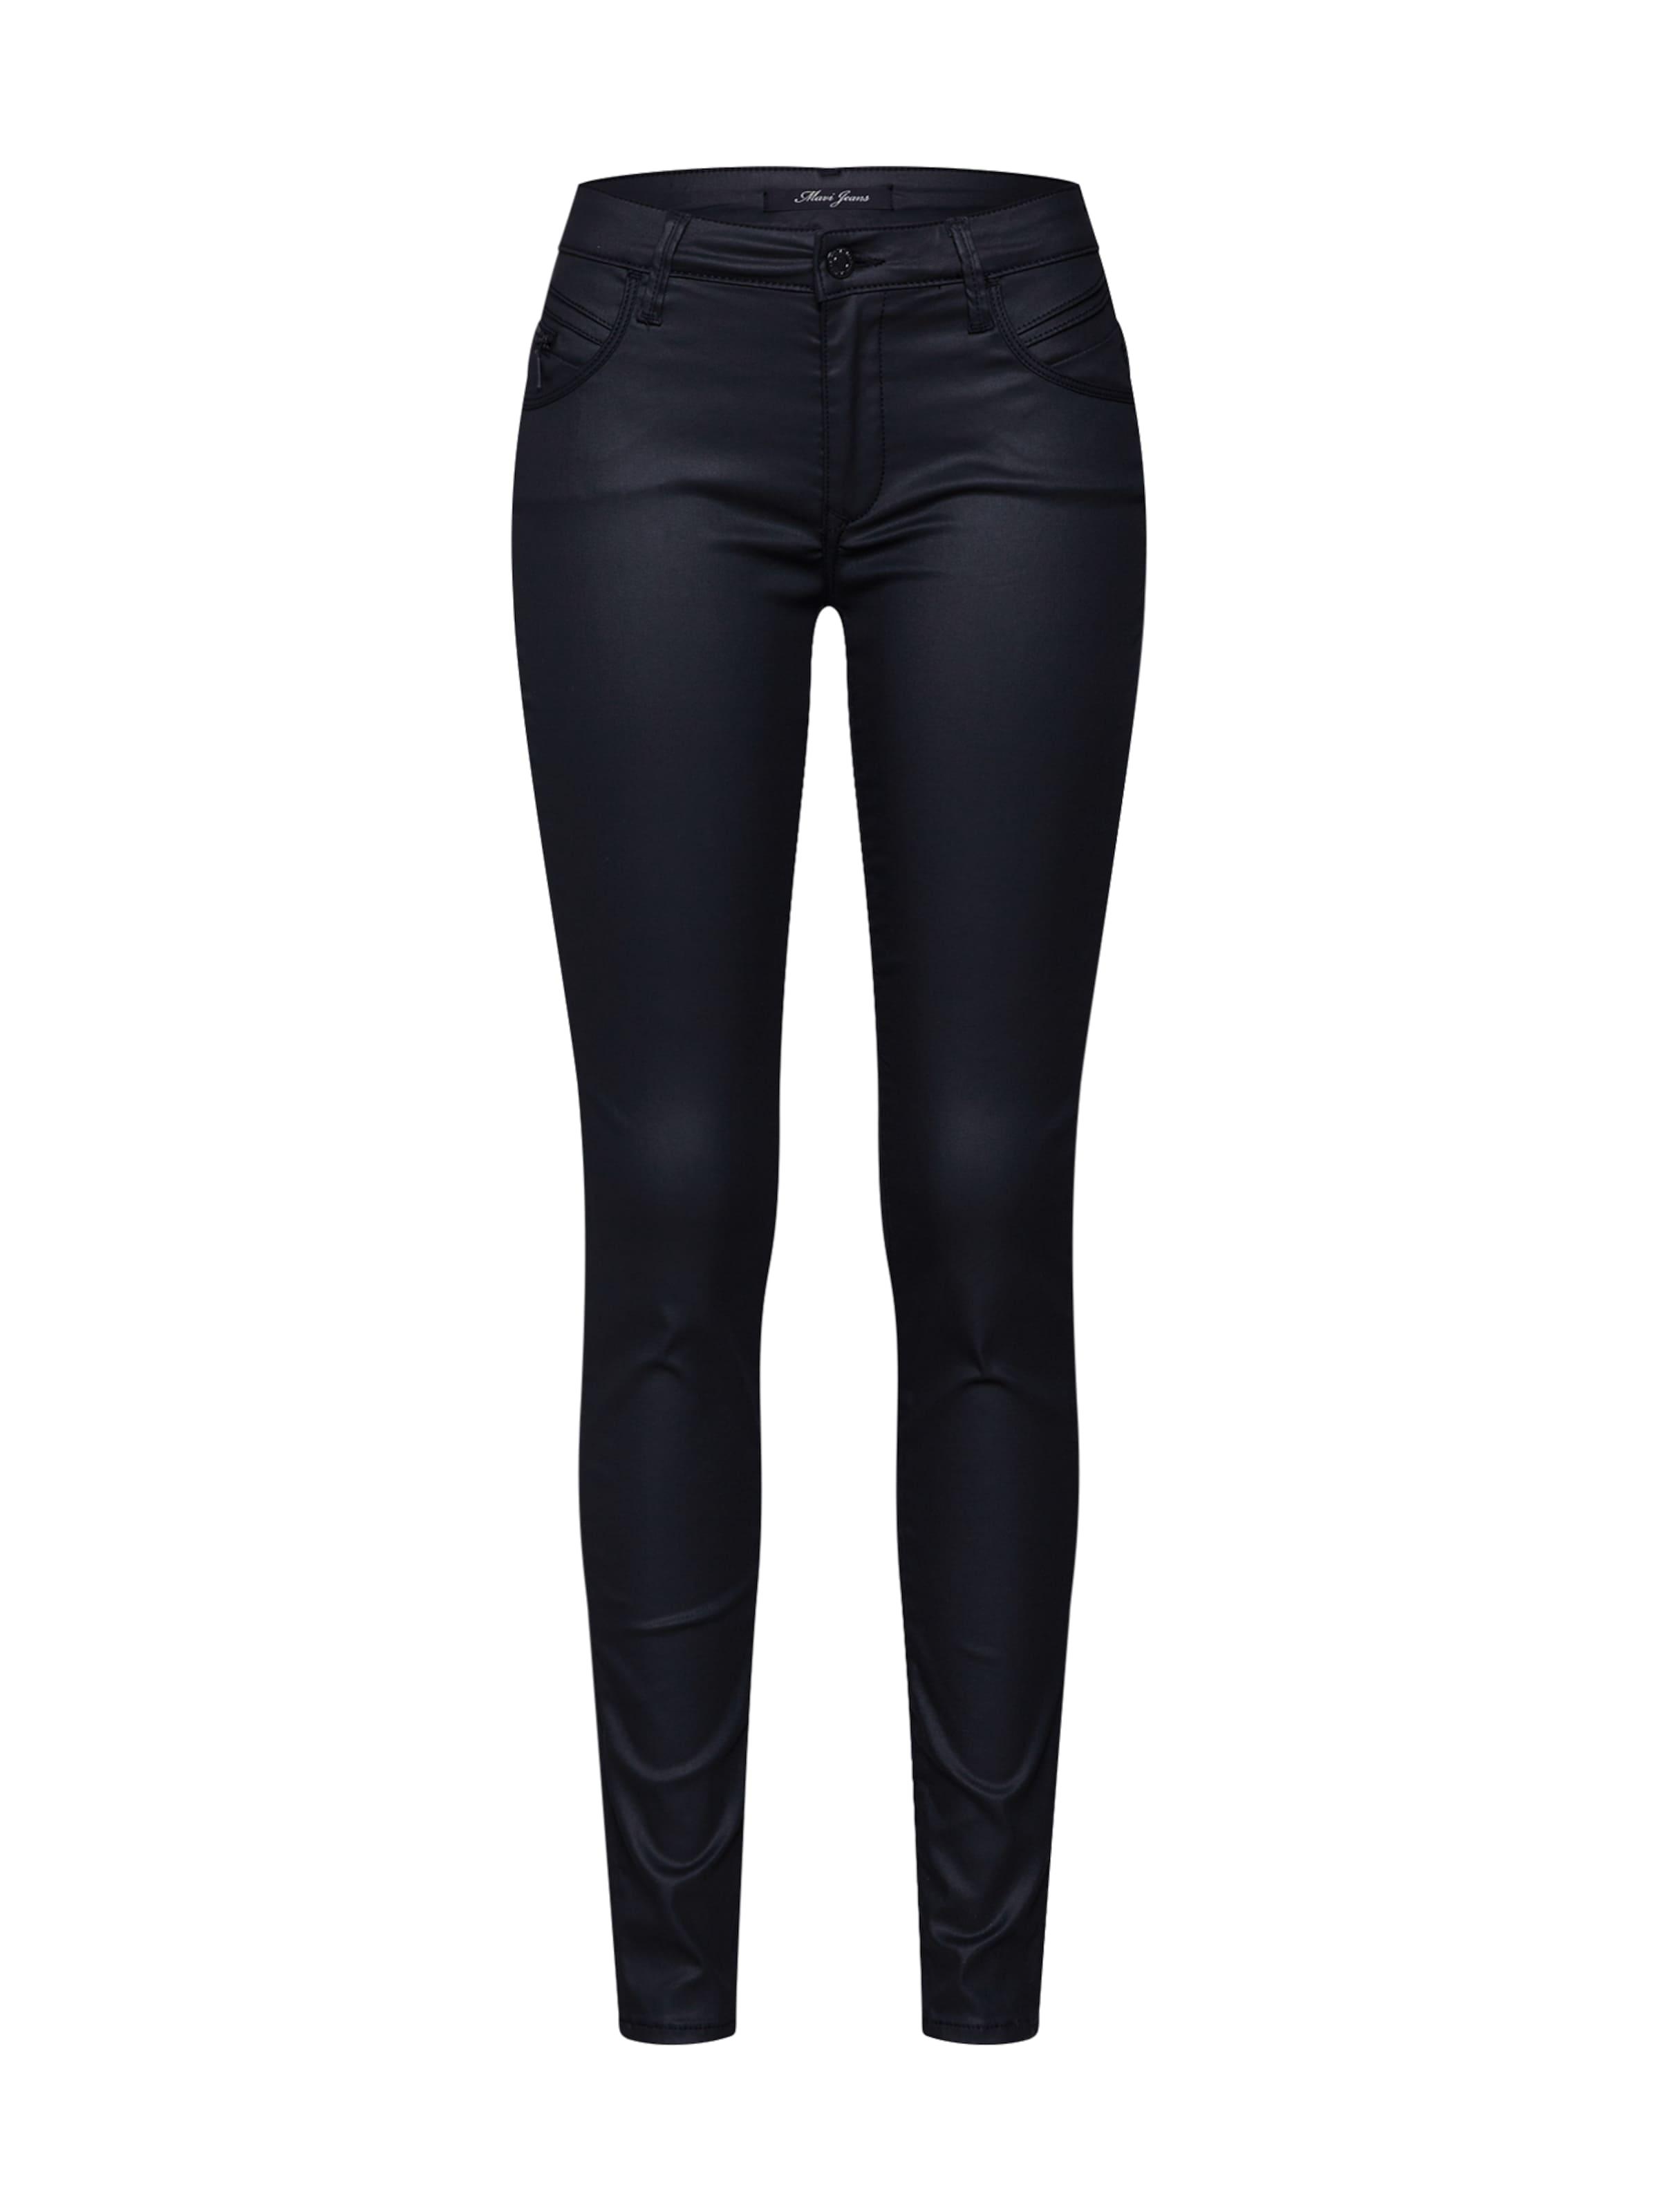 'adriana' Schwarz 'adriana' Schwarz Jeans Mavi In Mavi Mavi In Jeans In Jeans 'adriana' roCxWdBe